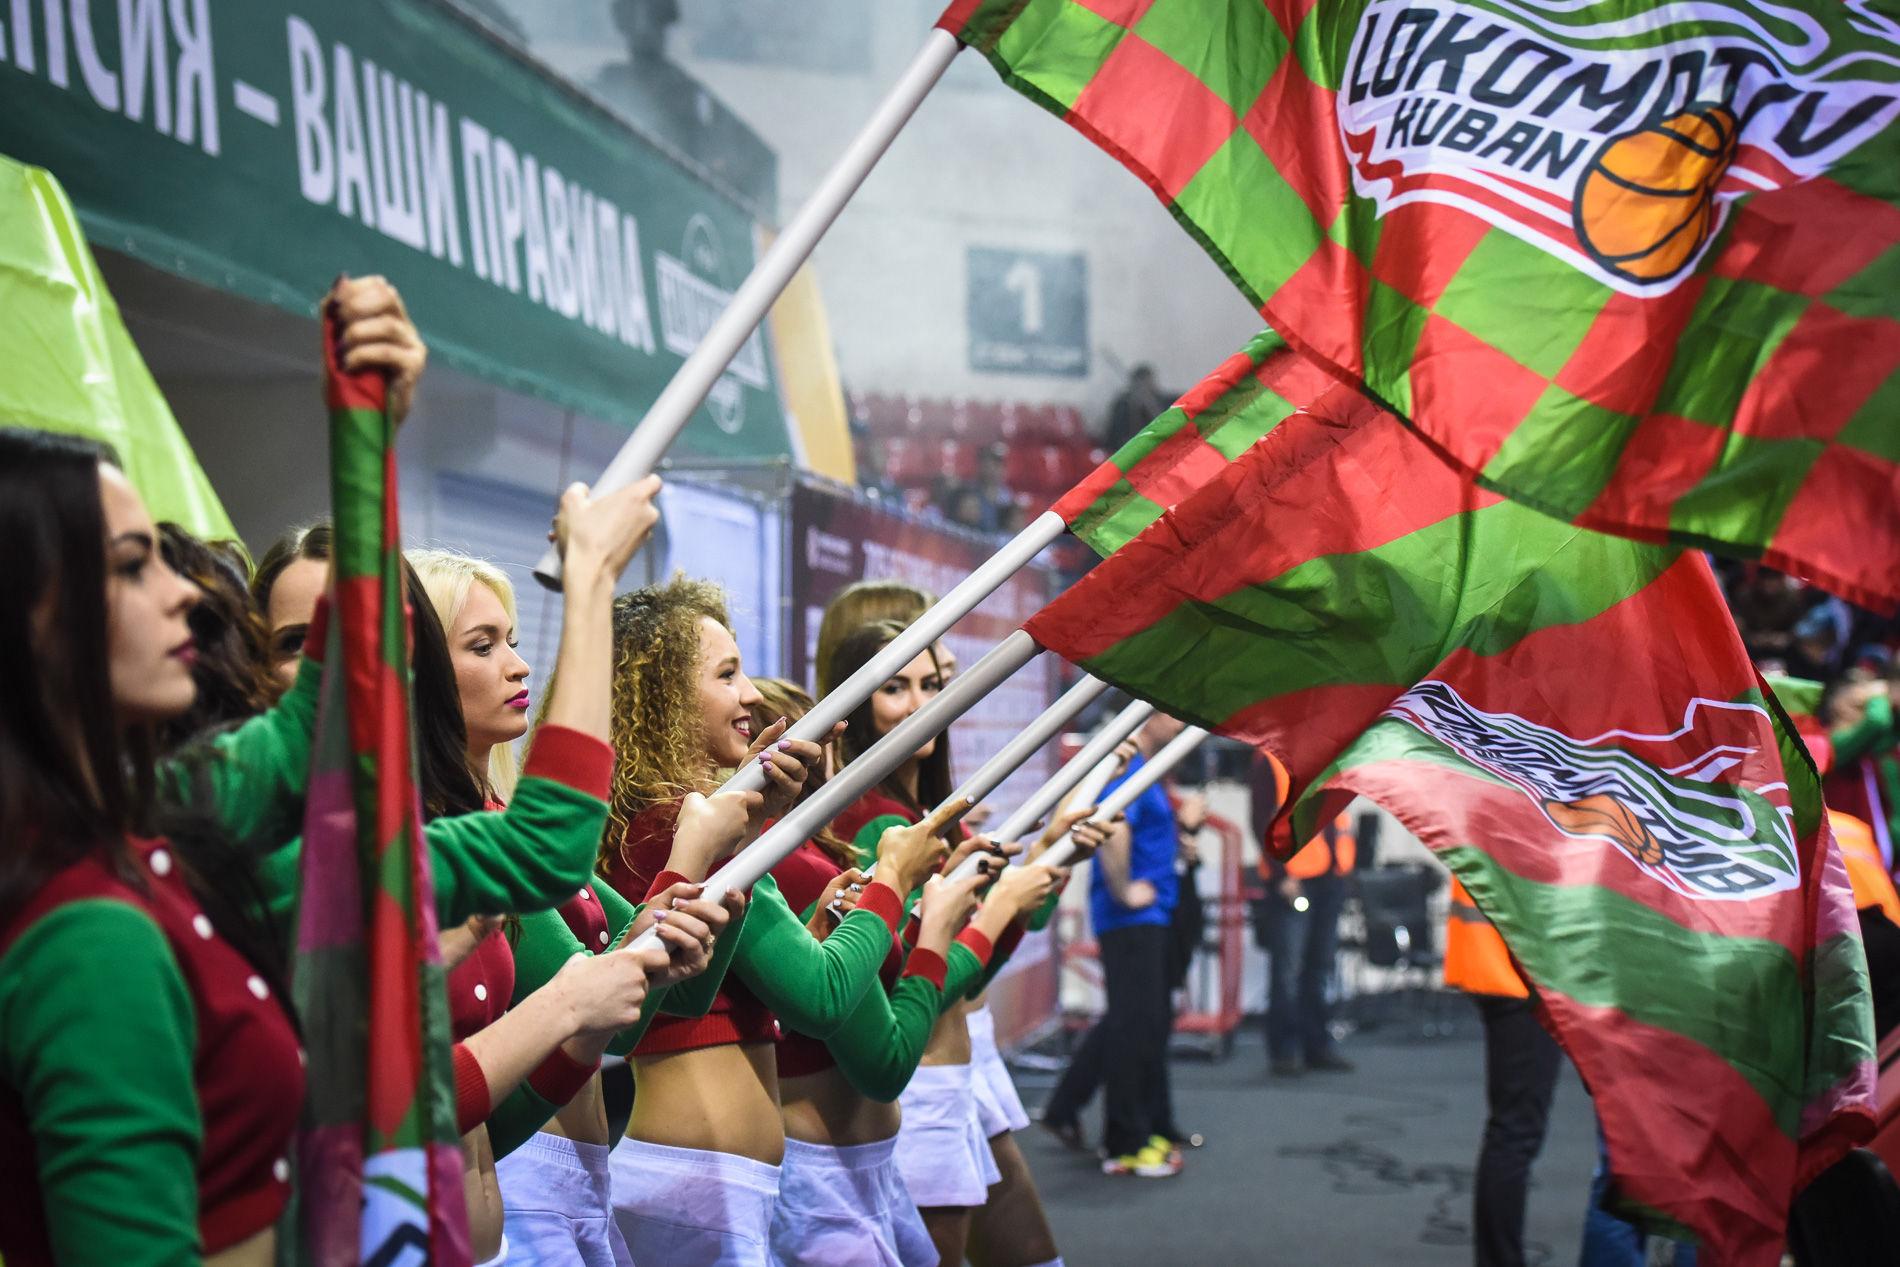 ПБК «Локомотив-Кубань» оштрафовали на895 тыс. руб.